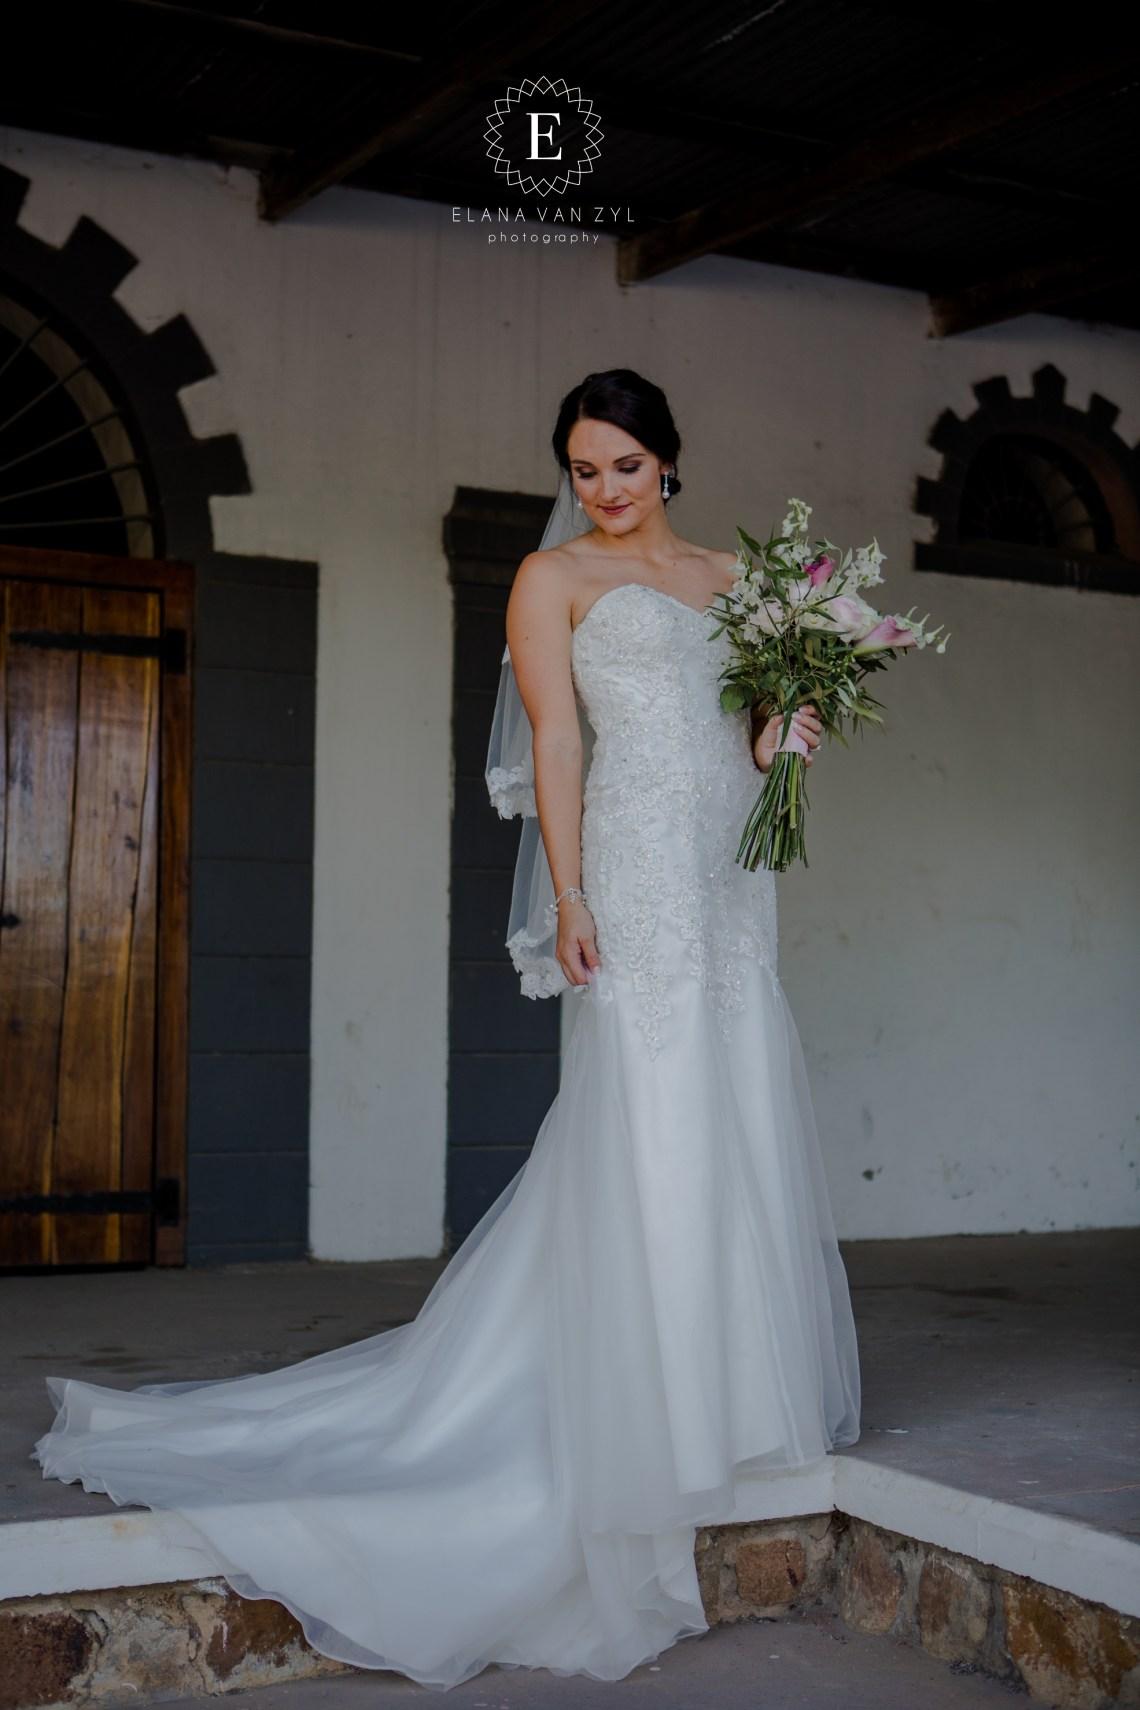 Groenrivier Wedding Venue-8889